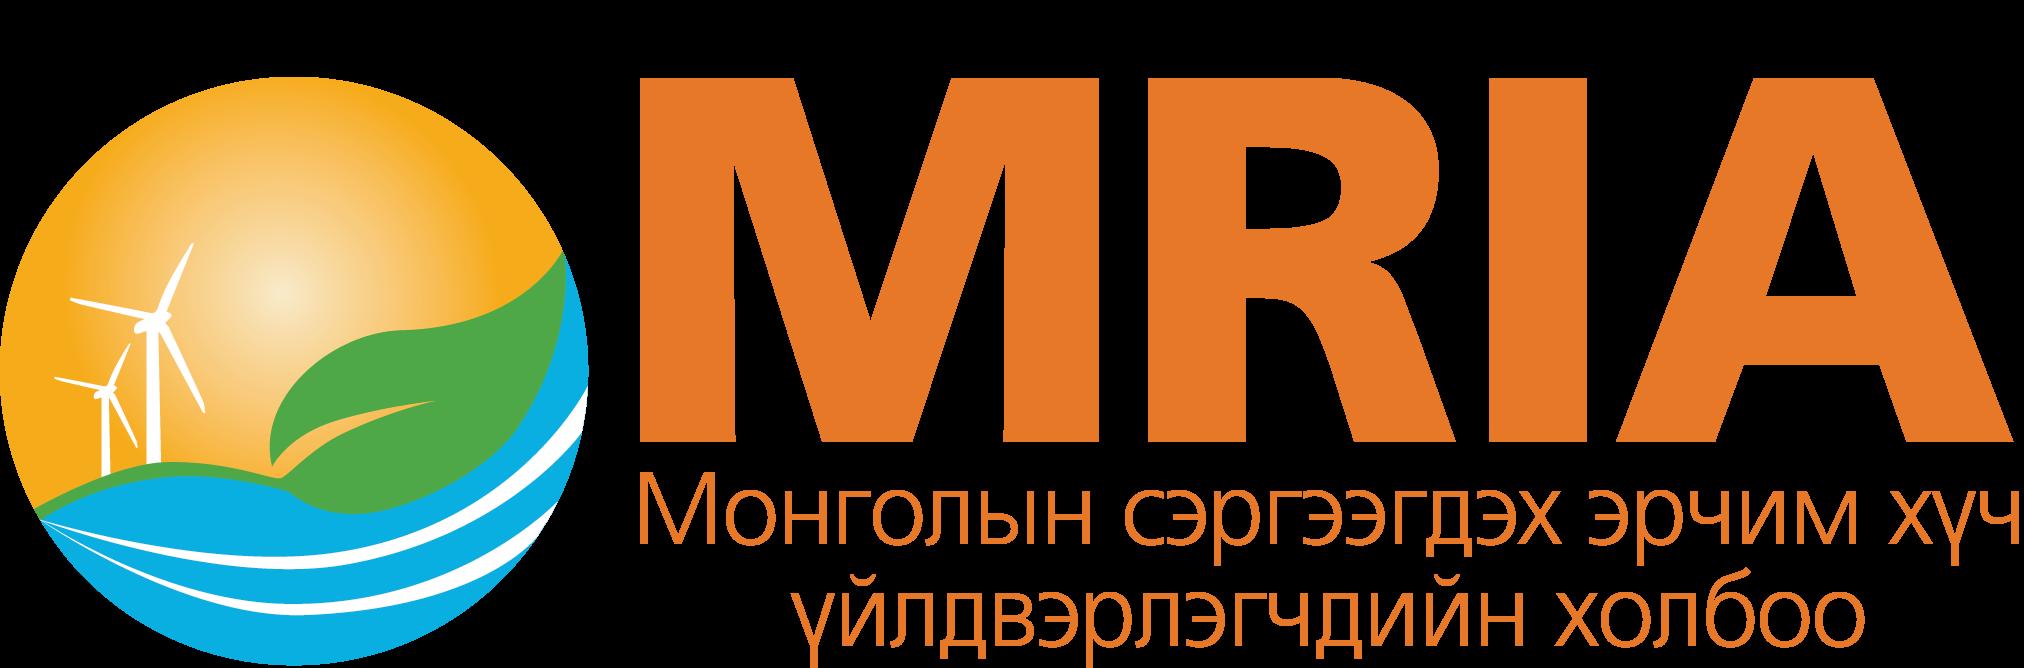 MRIA: Сэргээгдэх эрчим хүч үйлдвэрлэгчдийн холбоо